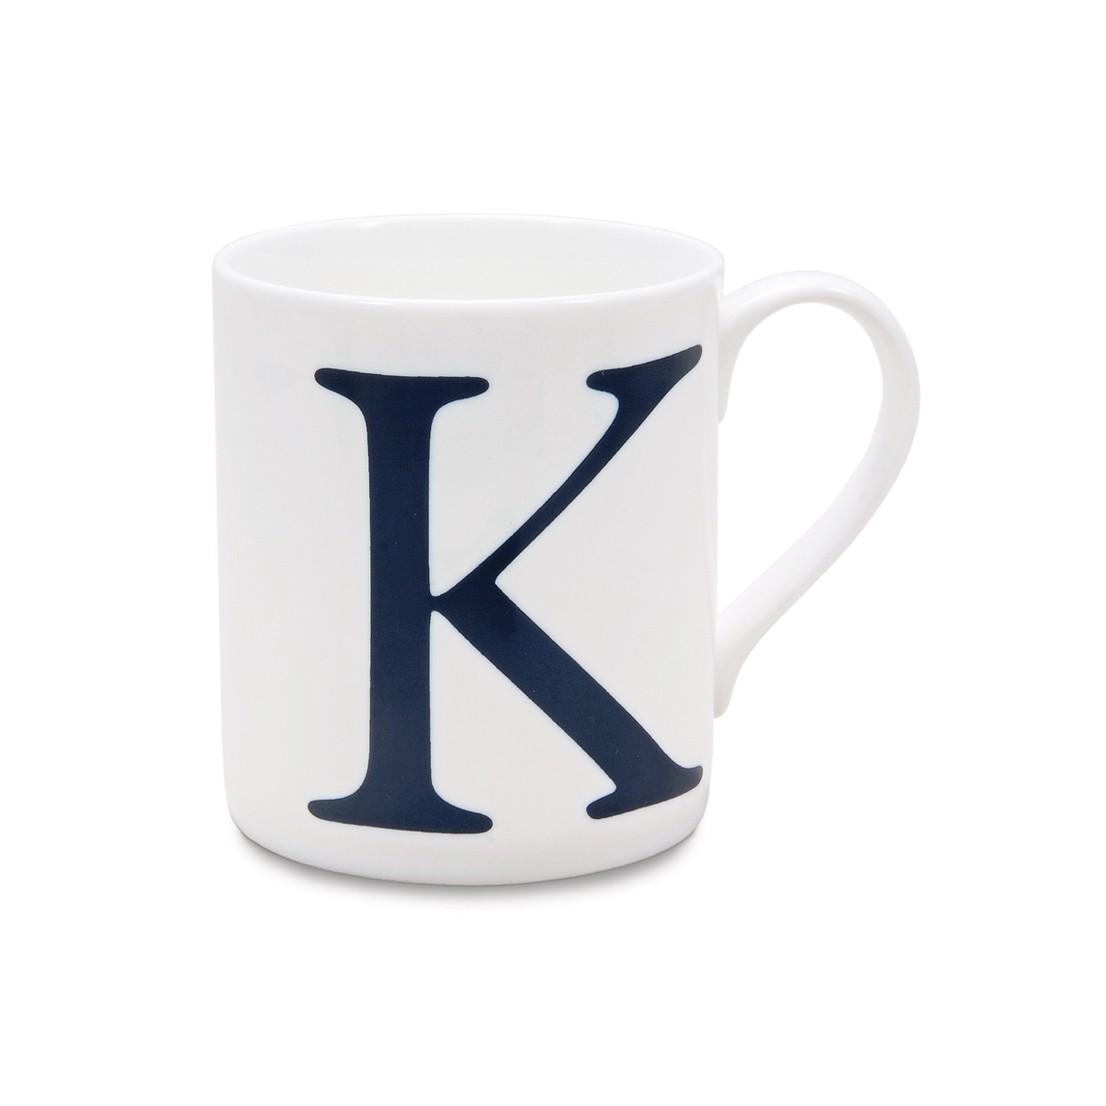 بالصور صور حرف k , تصاميم لحرف k بشكل مرح وجذاب 532 8